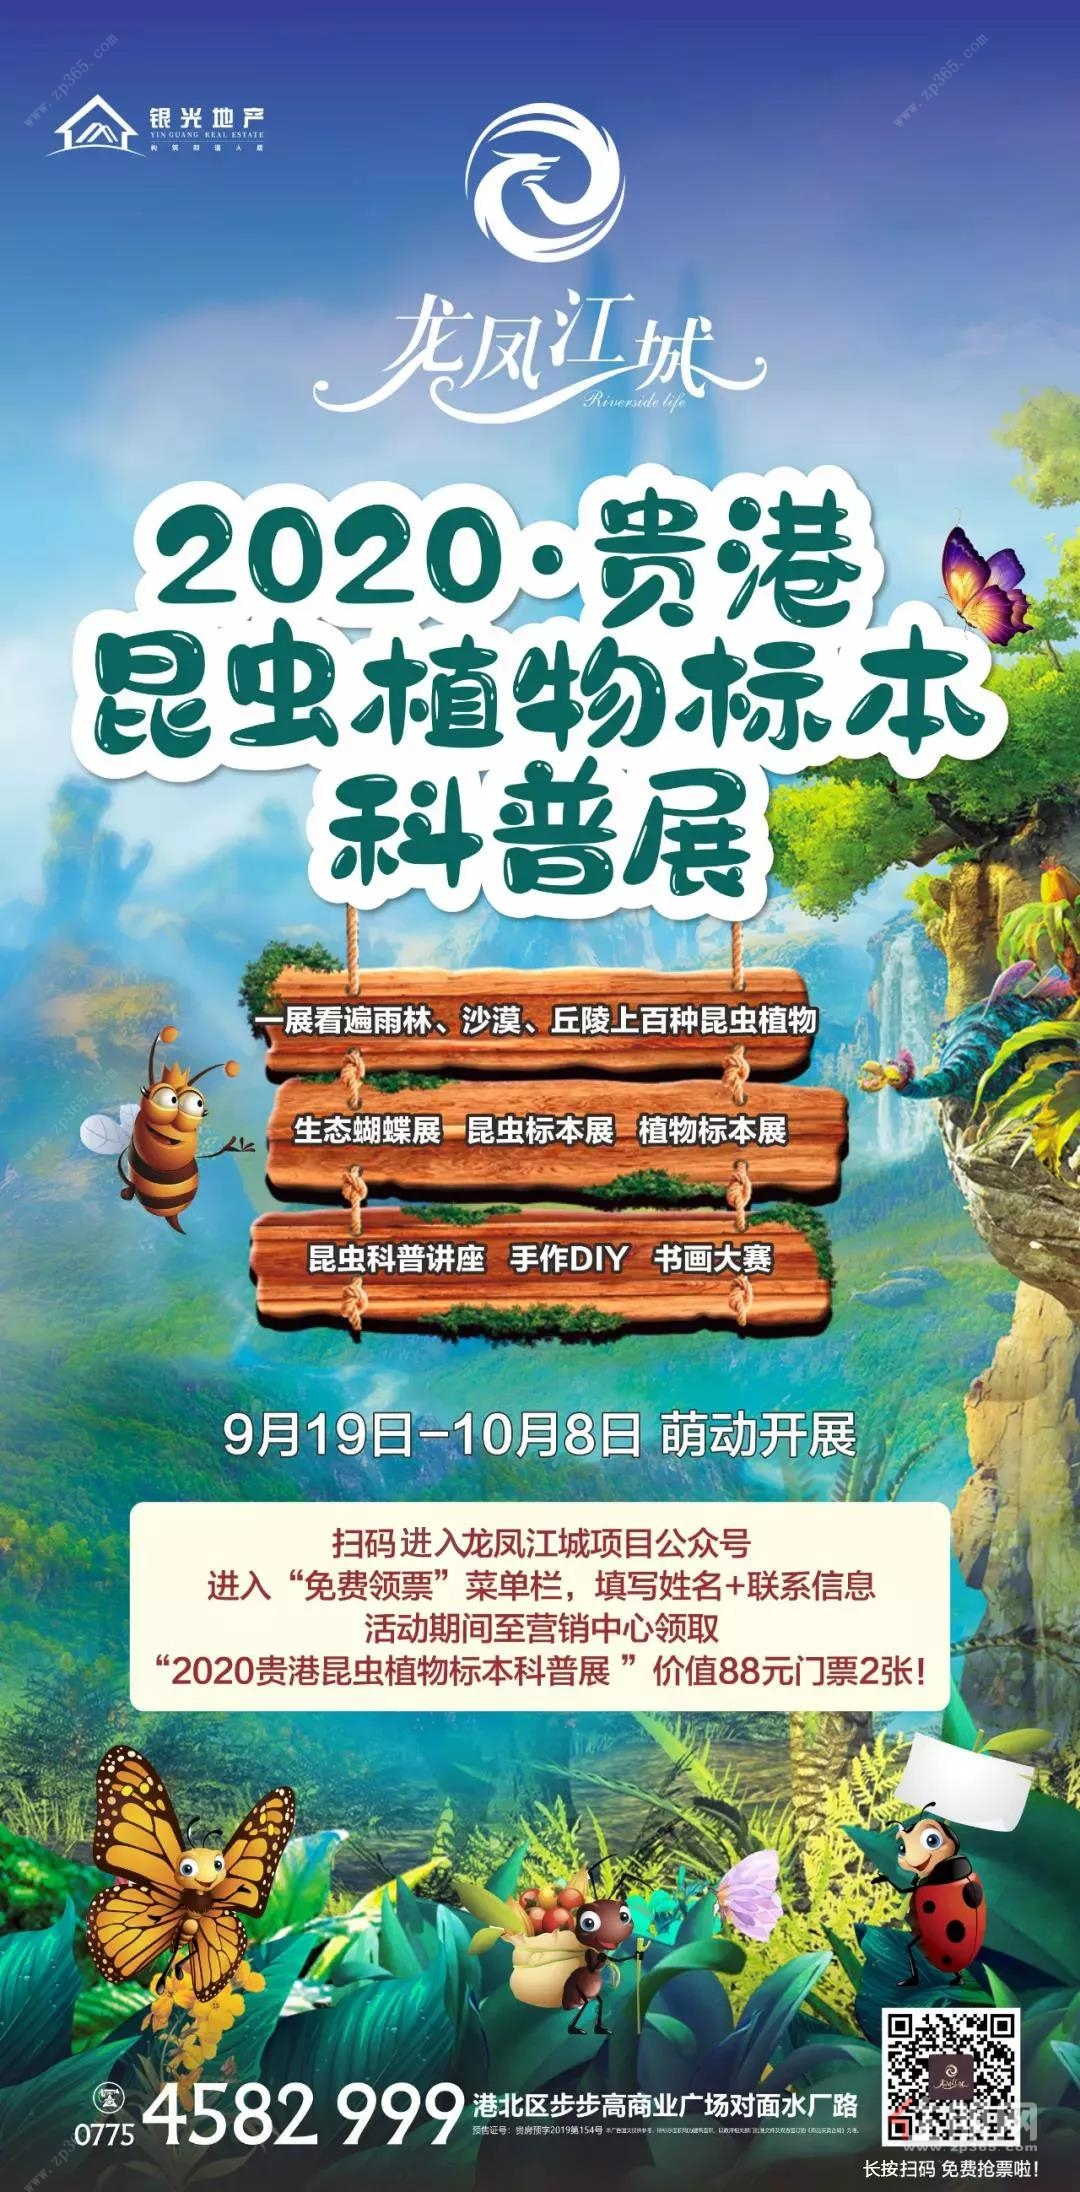 龙凤江城动植物标本配图